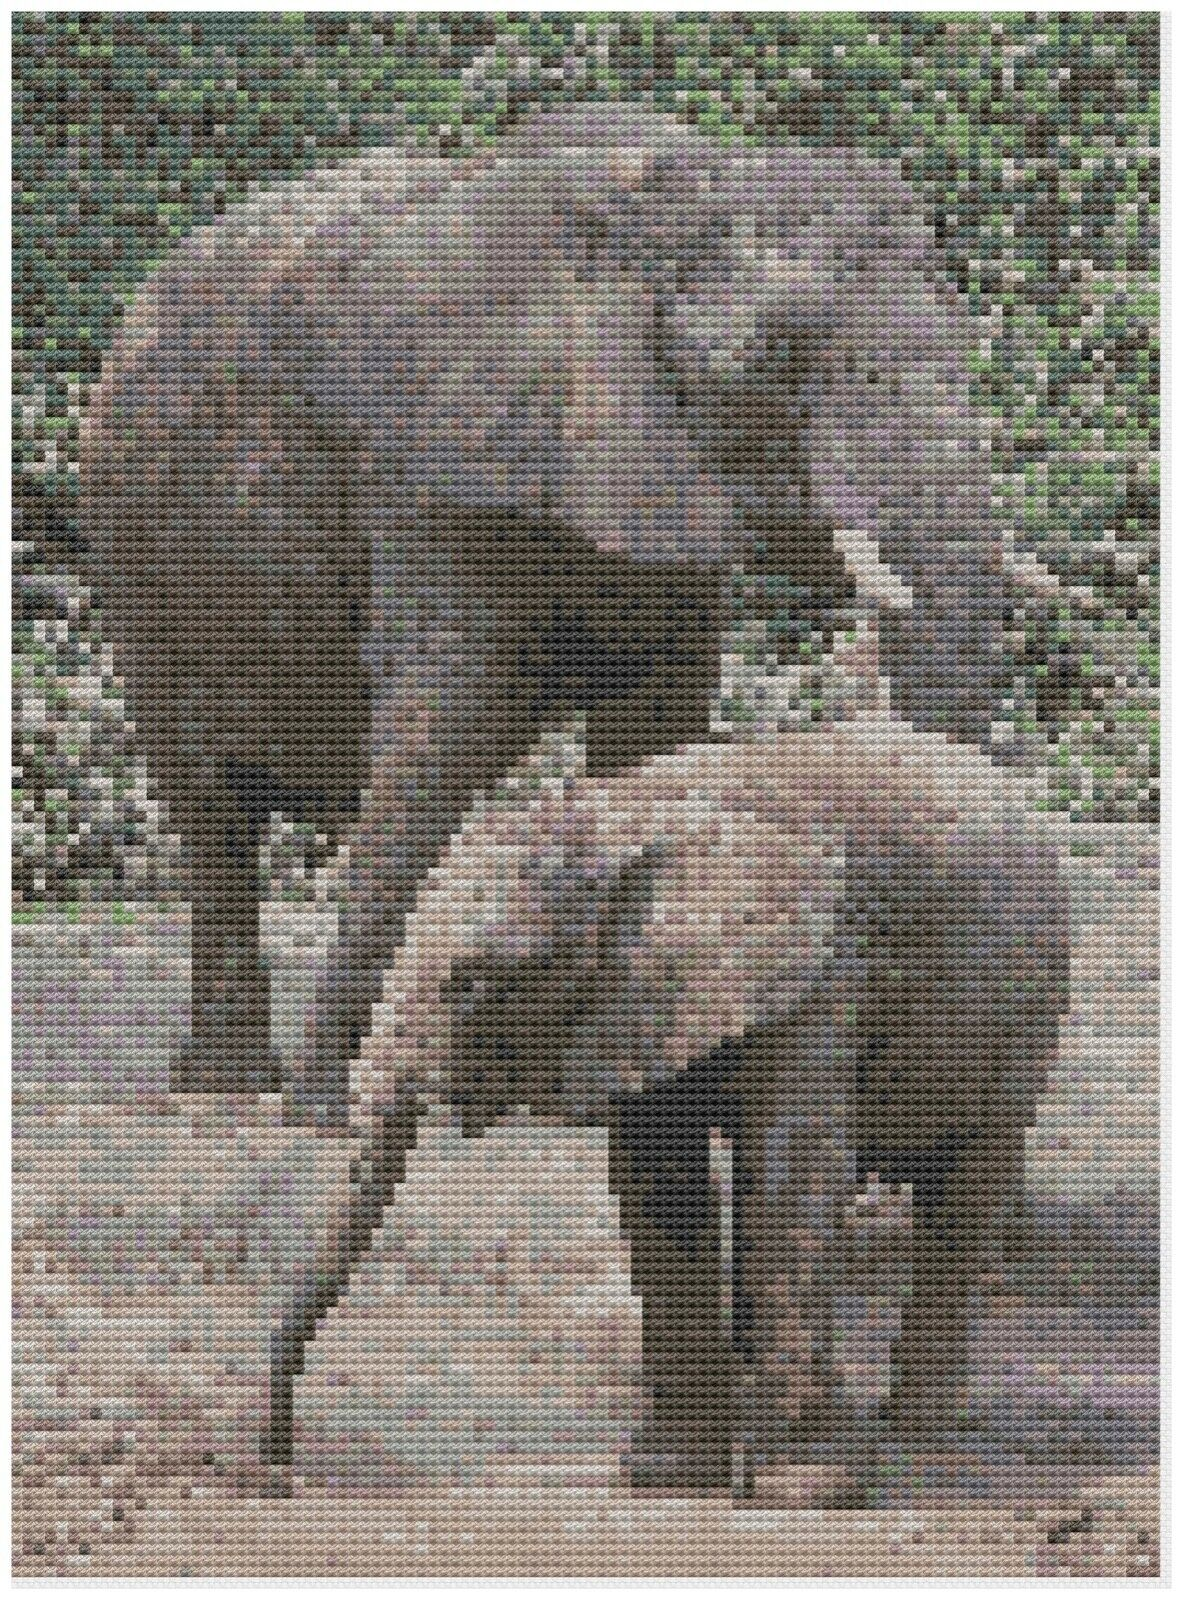 Mutter & Baby Elefant Kreuzstich Kit Kit Kit florashell 2321b0